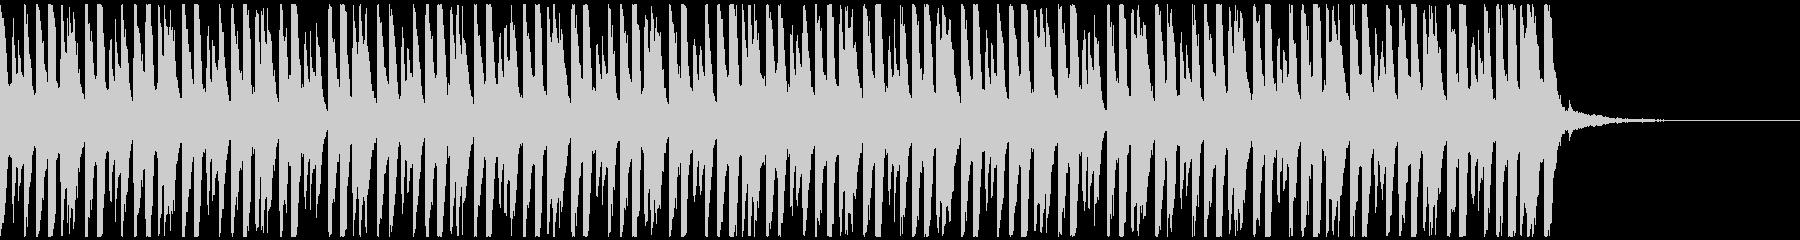 ハッピーデイ(40秒)の未再生の波形